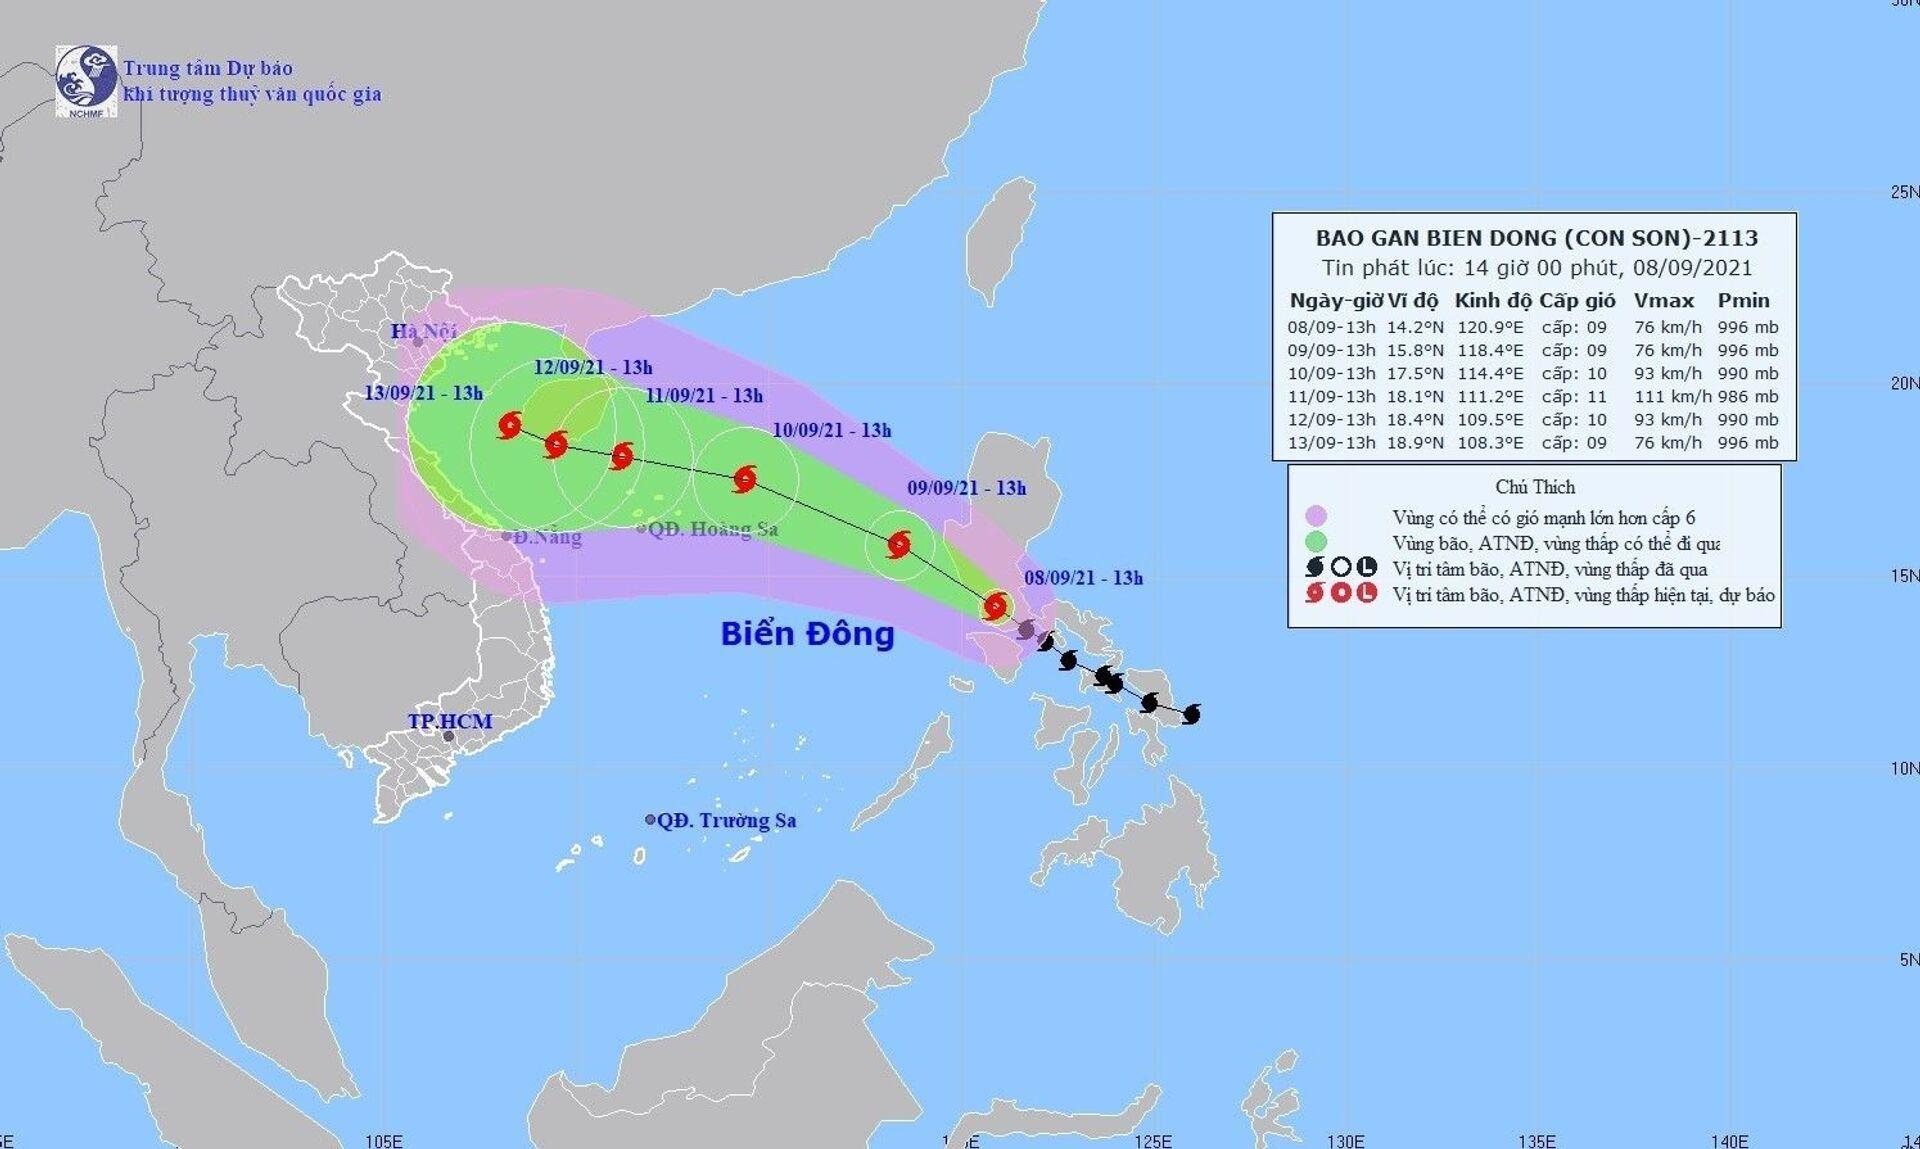 Bản đồ đường đi của bão CONSON - Sputnik Việt Nam, 1920, 05.10.2021